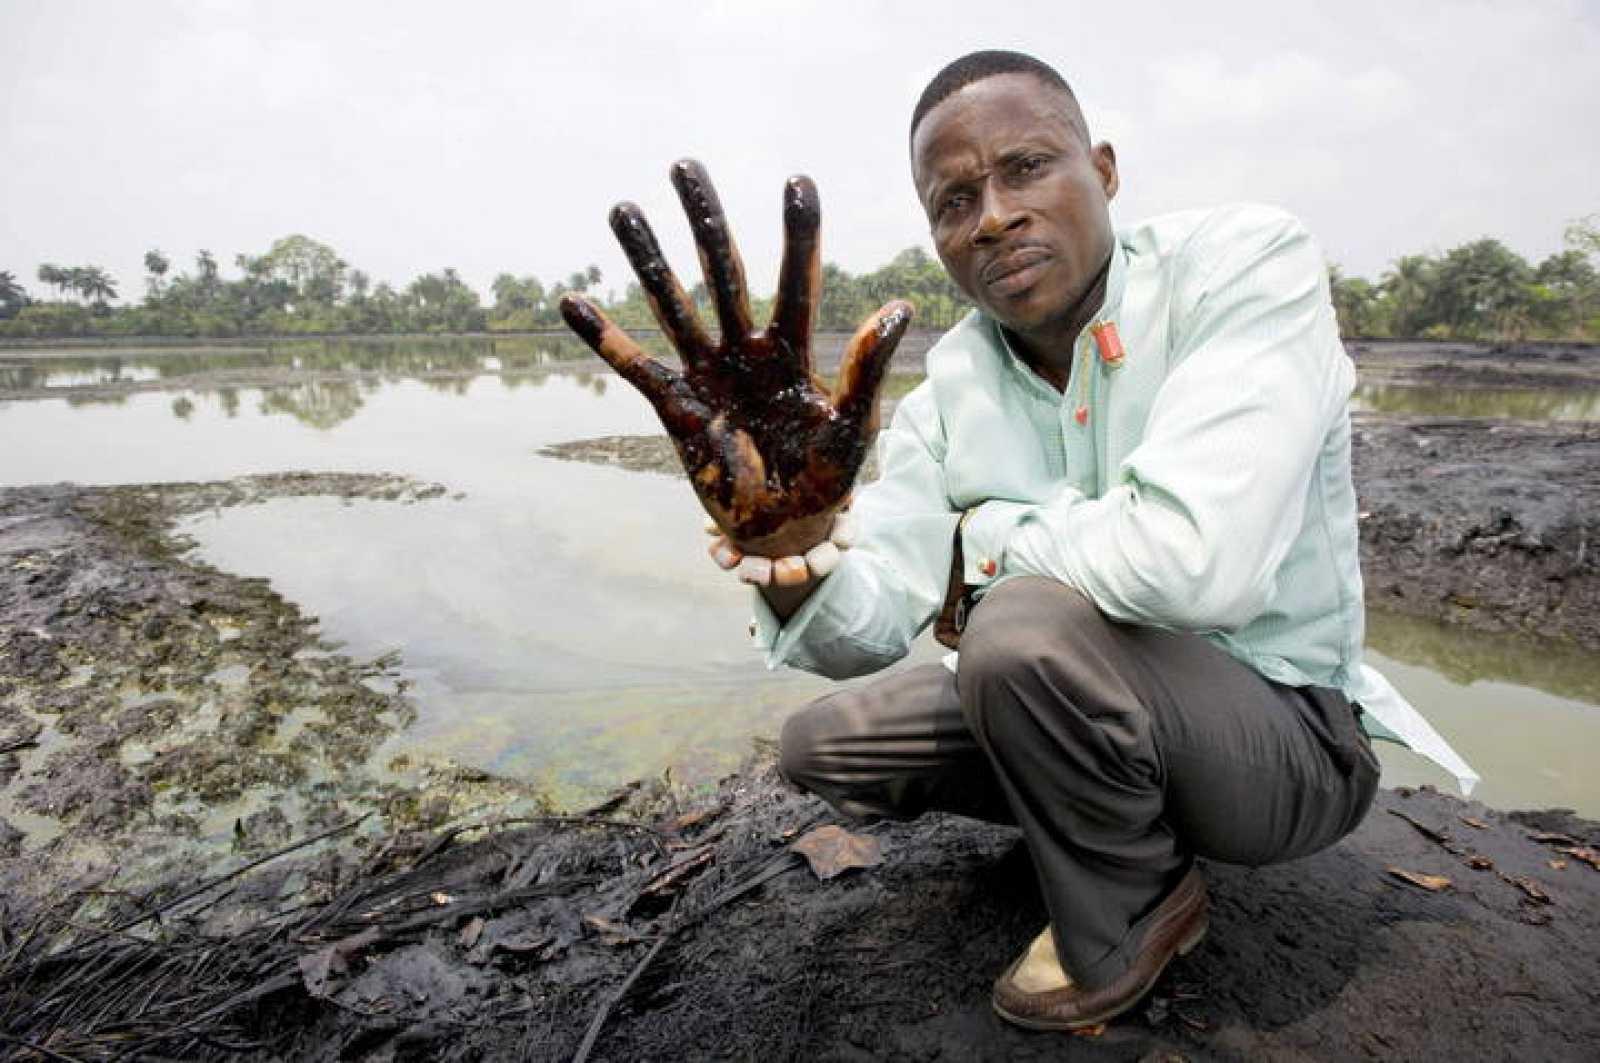 Imagen de archivo de Eric Dooh, uno de los agricultores de Nigeria que ha denunciado a Shell por los vertidos de petróleo